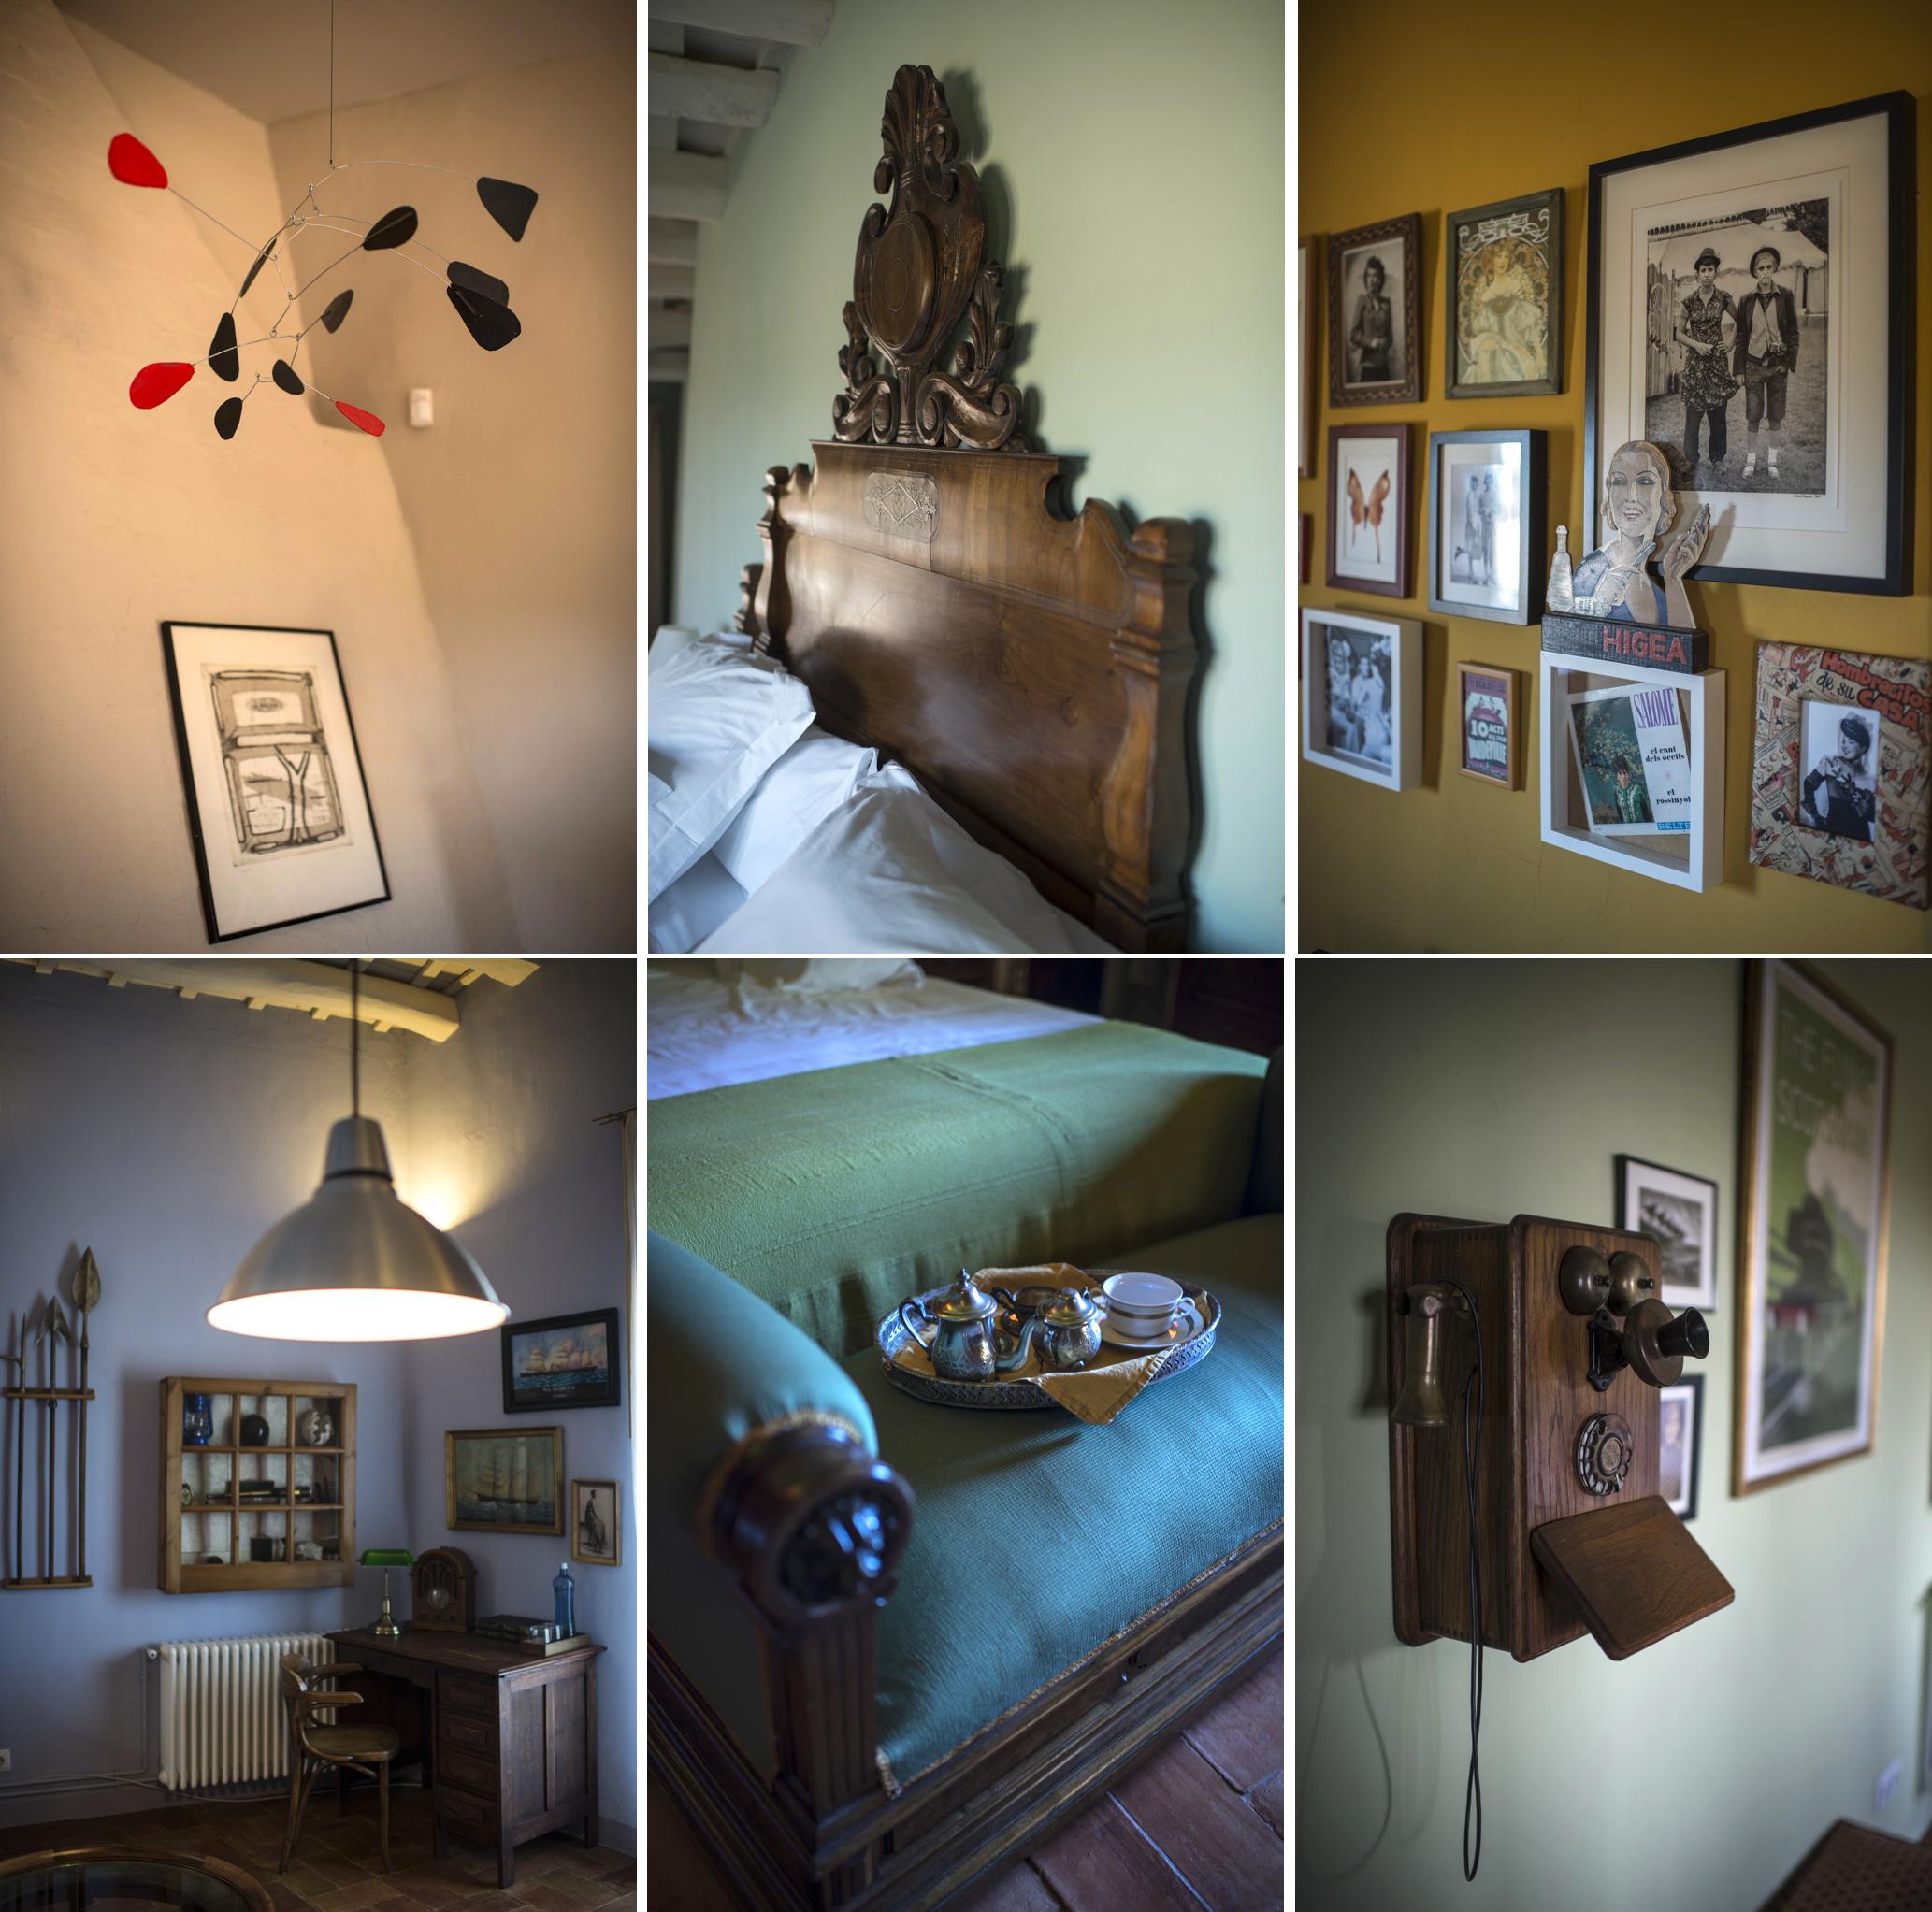 detalles de las habitaciones: un teléfono de pared de madera, fotos antiguas.